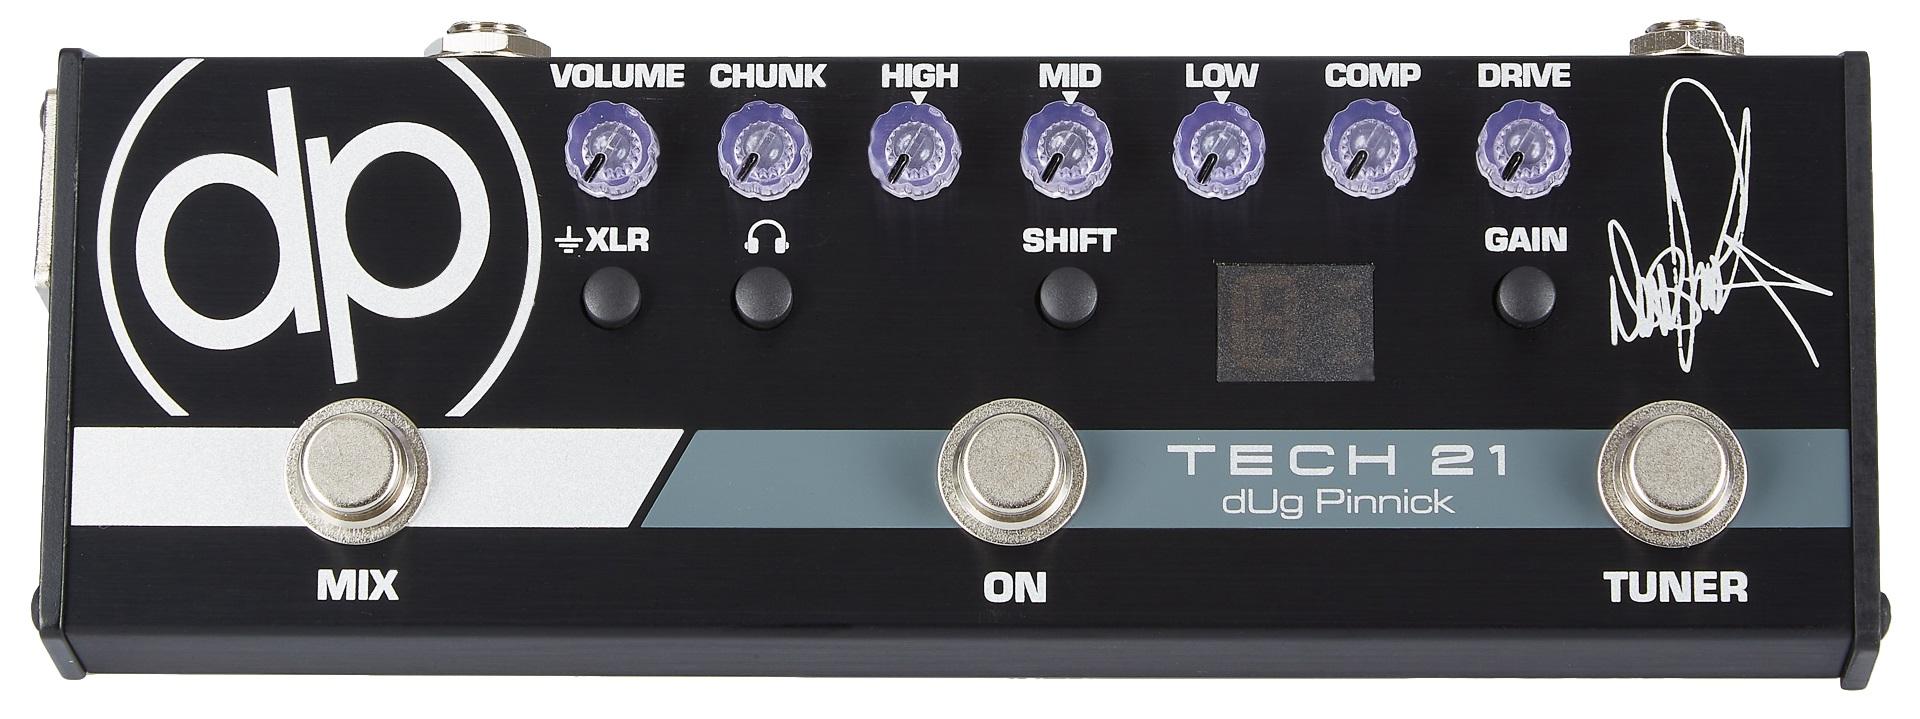 Tech 21 dUg Pinnick DP-3X